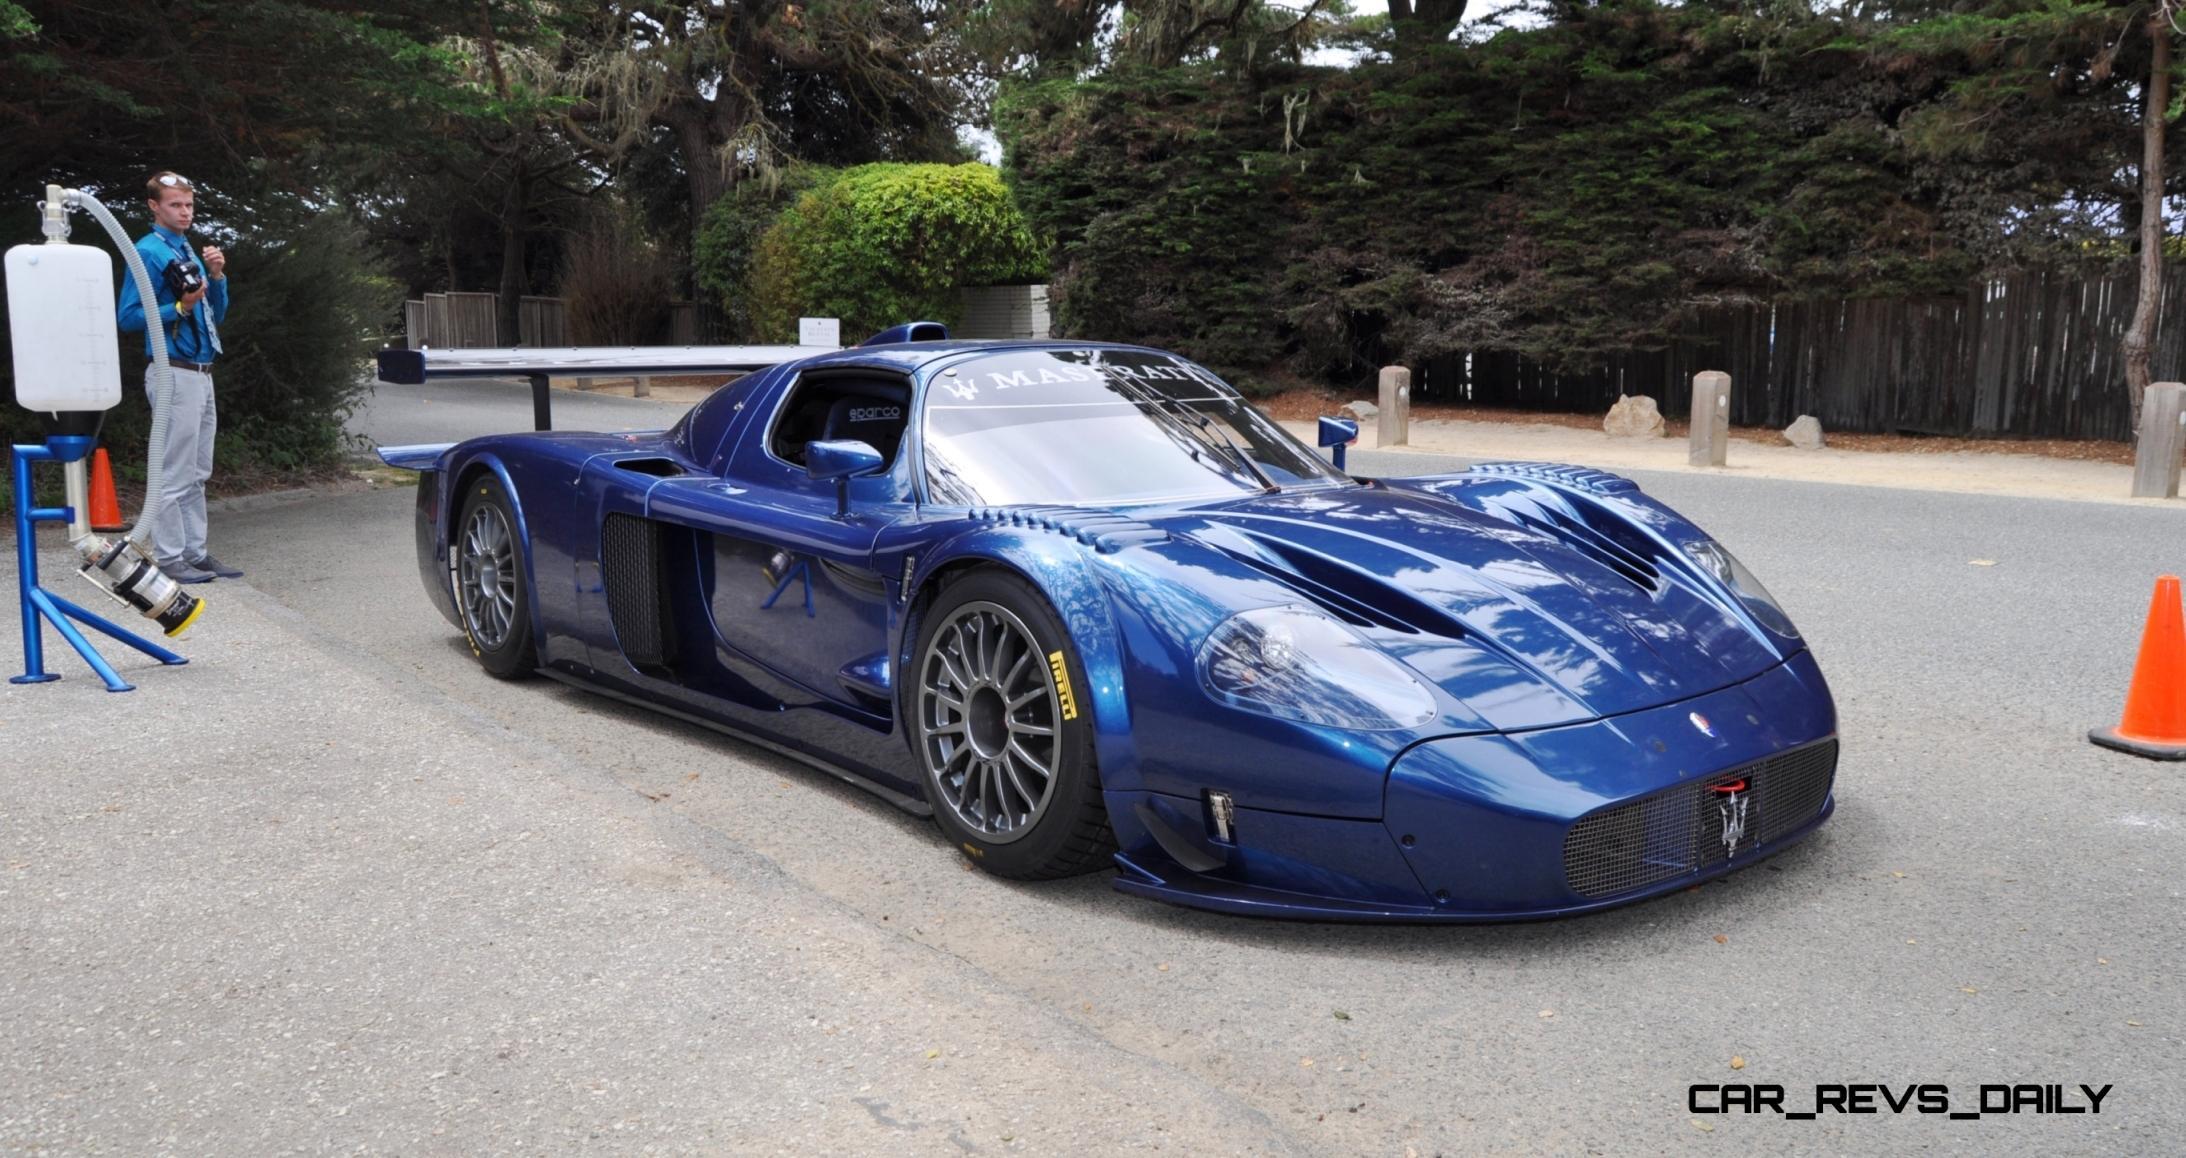 http://www.car-revs-daily.com/wp-content/uploads/Car-Revs-Daily.com-2006-Maserati-MC12-Corsa-27.jpg